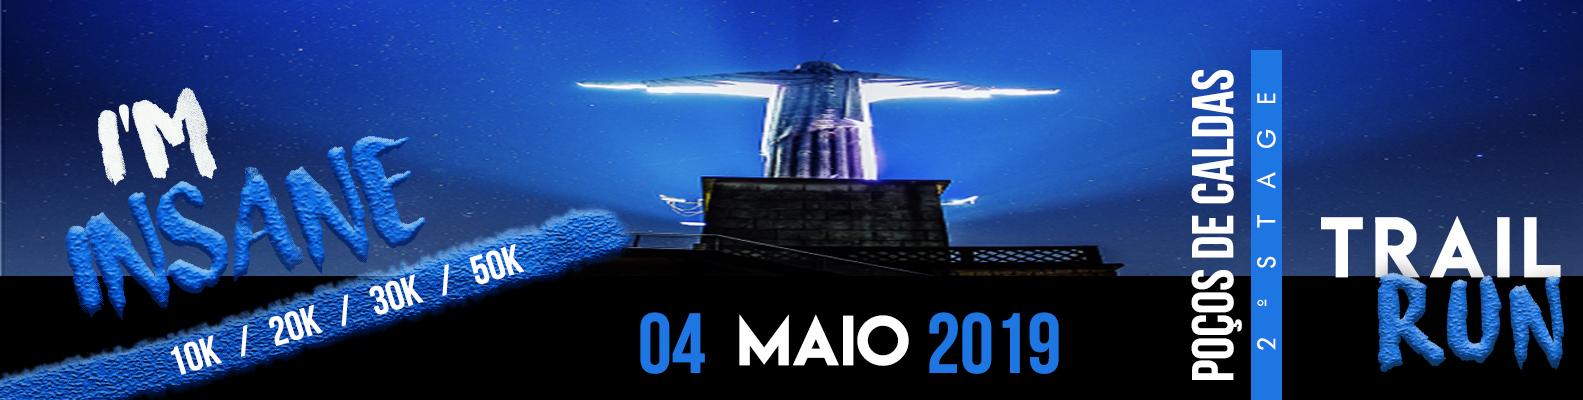 2º STAGE INSANE - POÇOS DE CALDAS